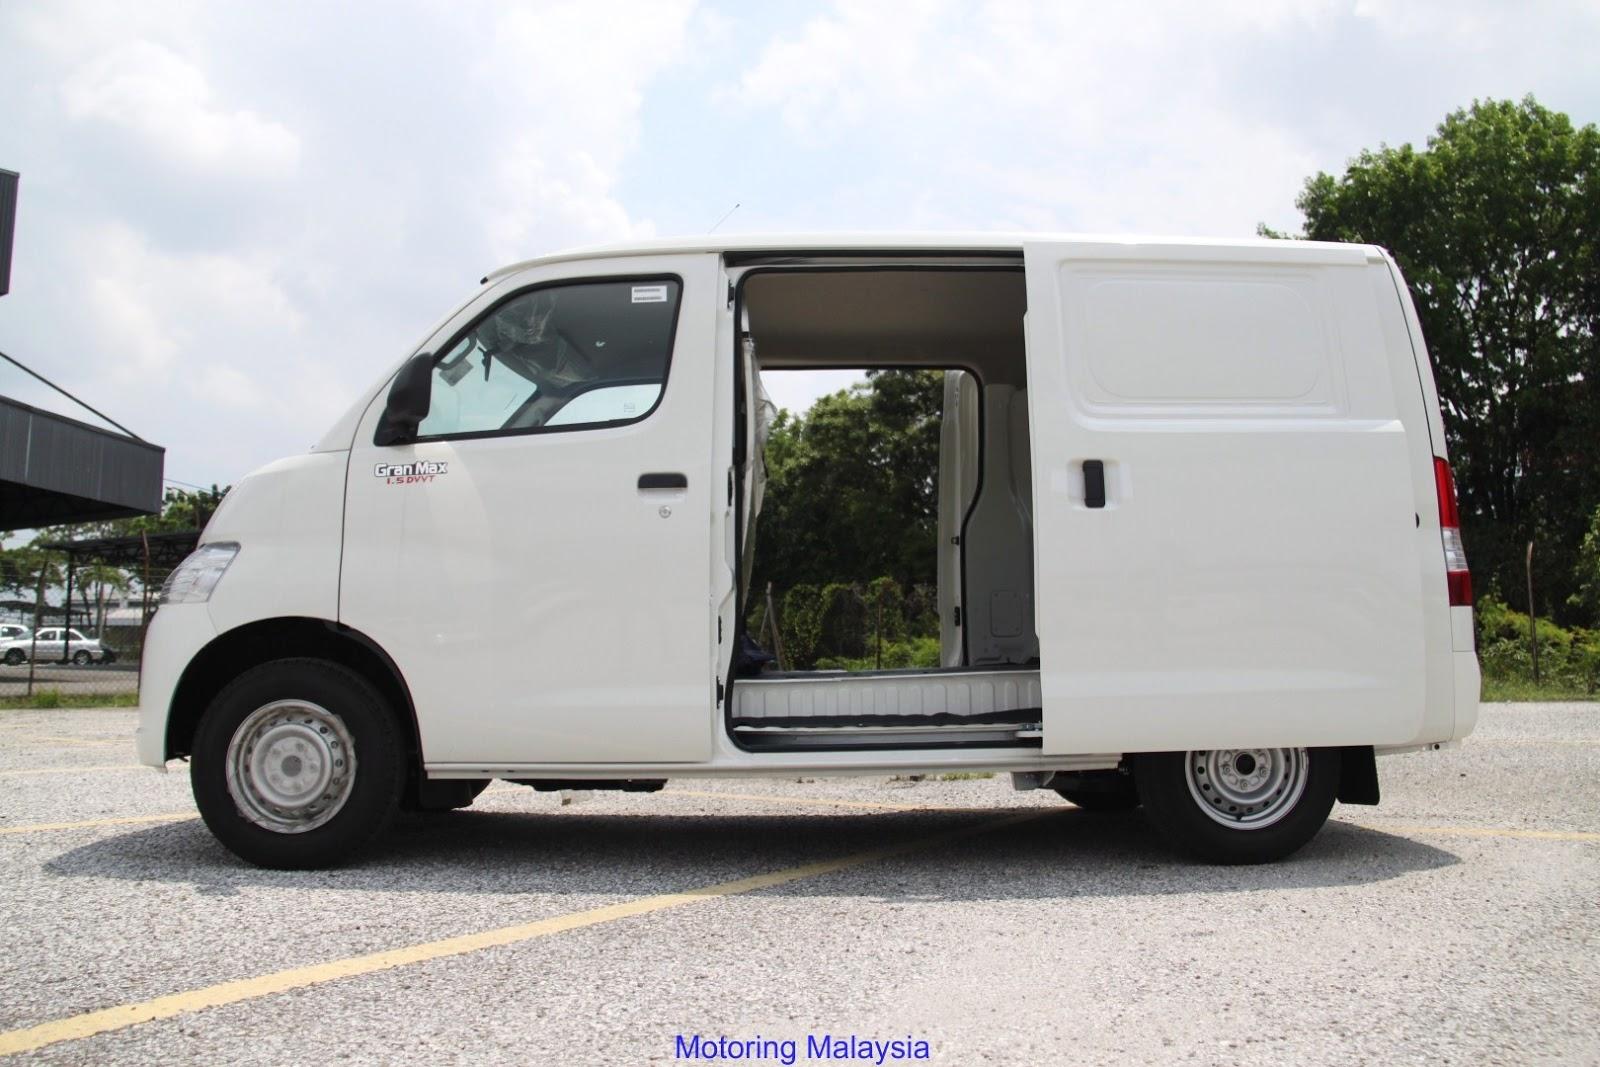 d04ebfc038 Motoring-Malaysia  The Daihastu Gran Max Panel Van with Automatic ...